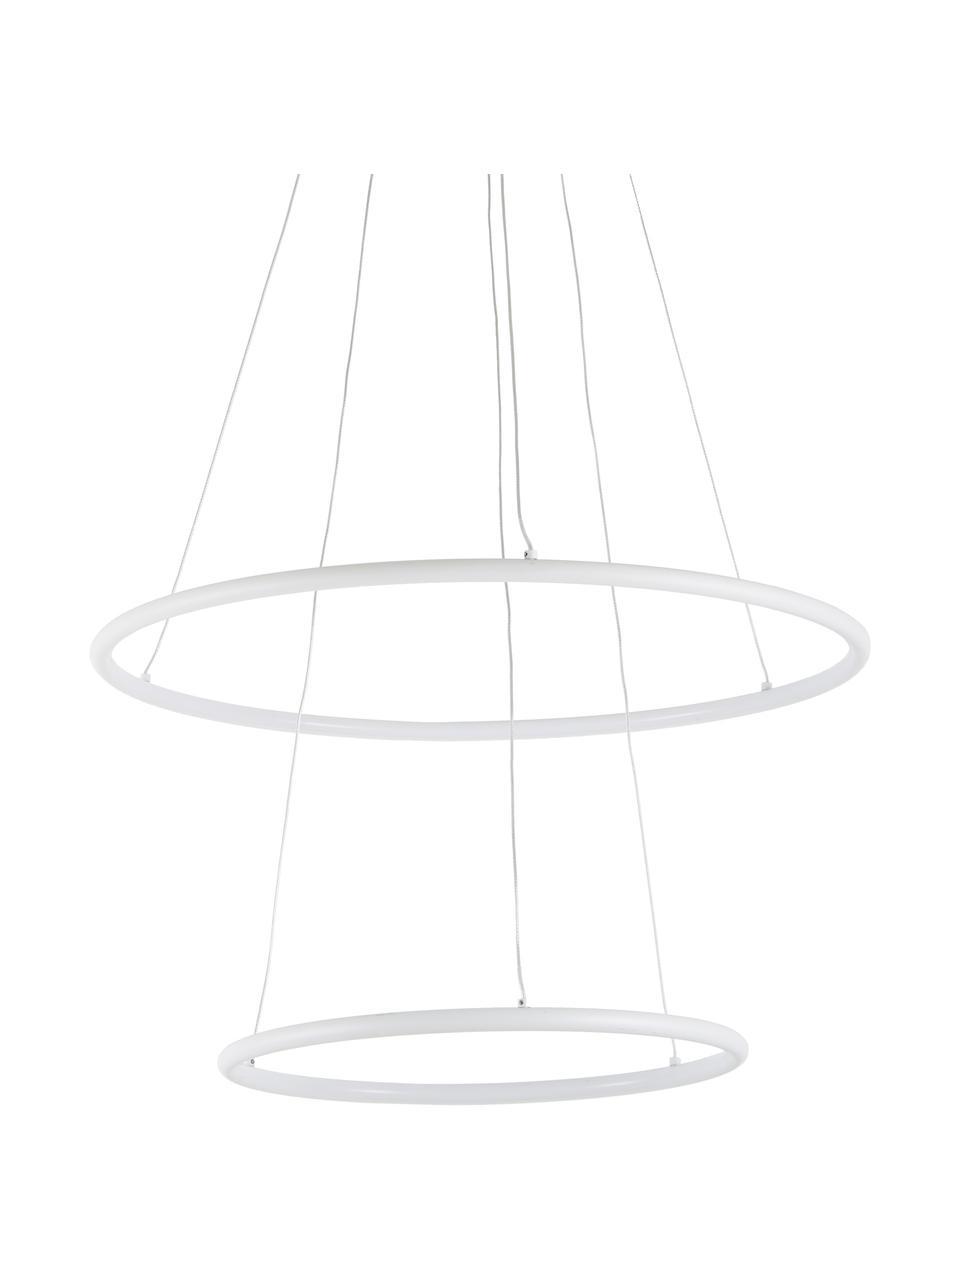 Große LED-Pendelleuchte Orion, Lampenschirm: Metall, beschichtet, Baldachin: Metall, beschichtet, Weiß, Ø 60 x H 50 cm